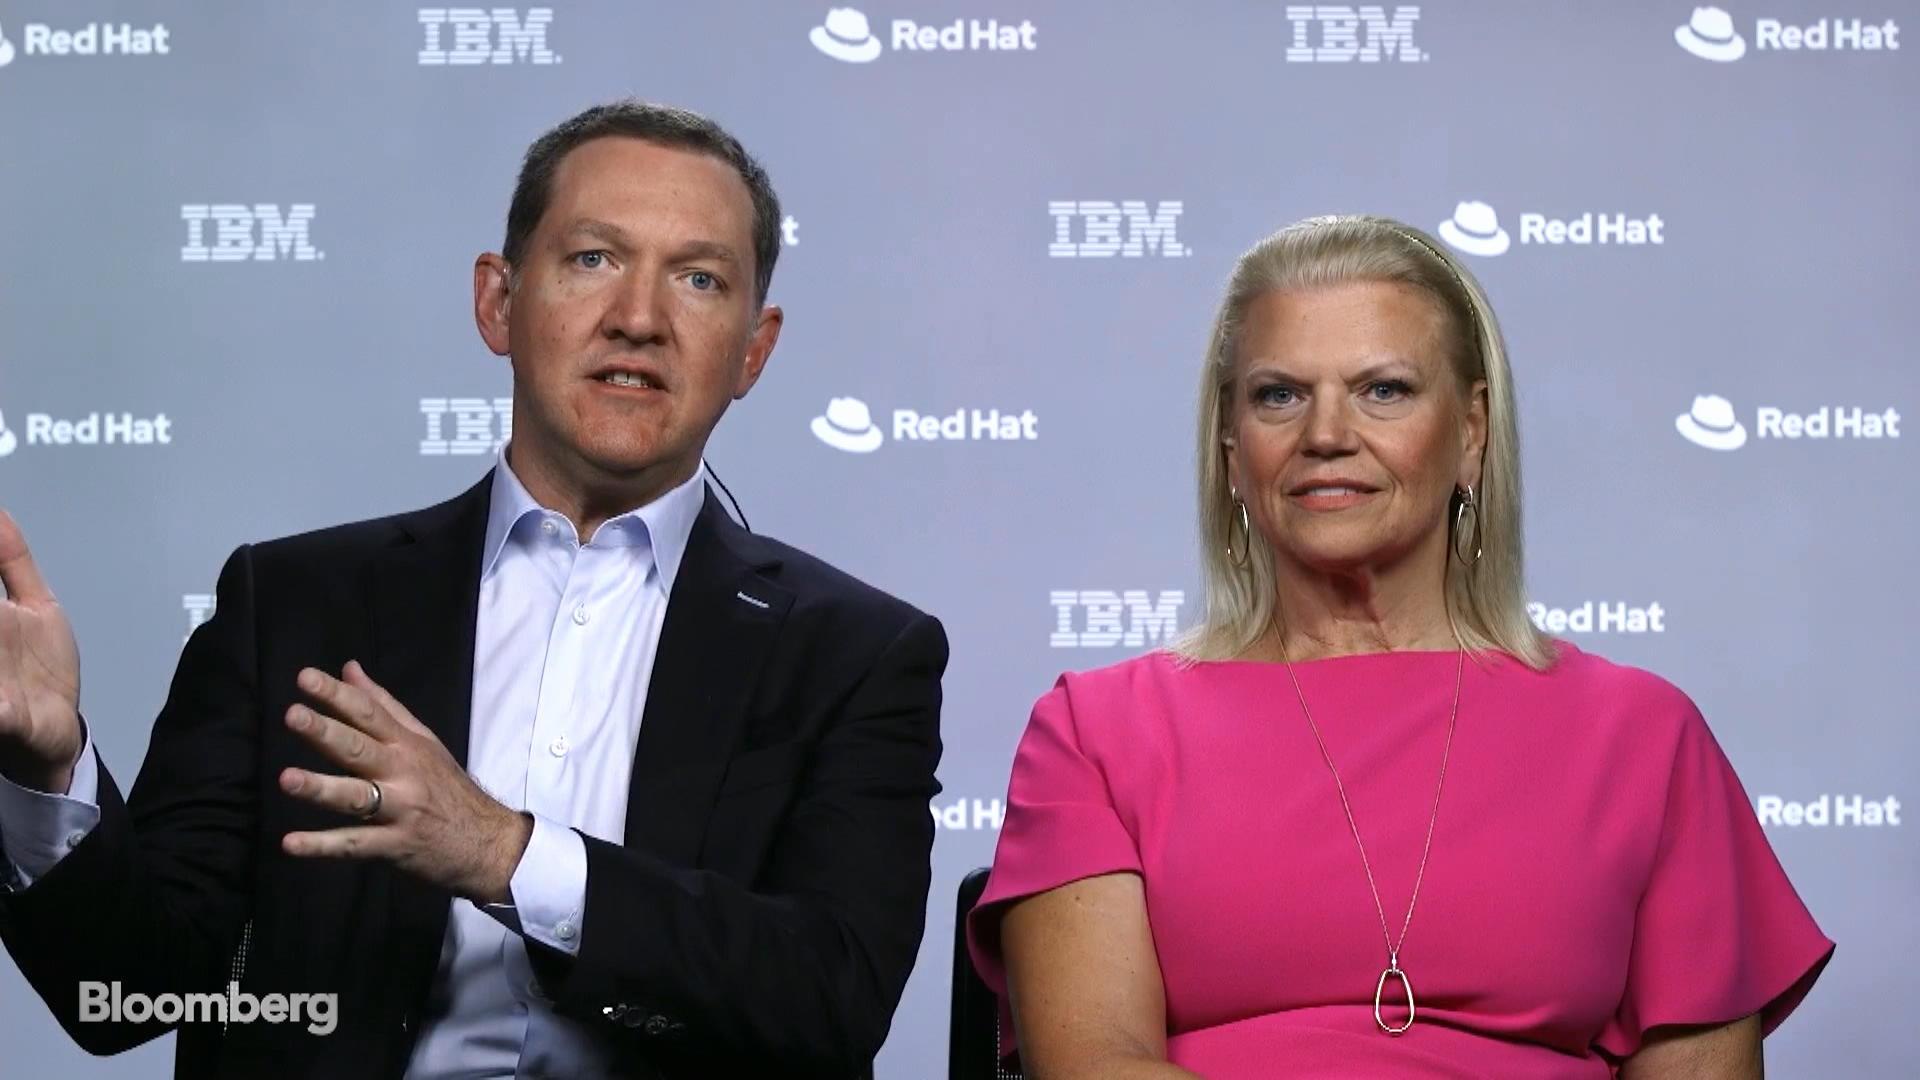 IBM:New York Stock Quote - International Business Machines